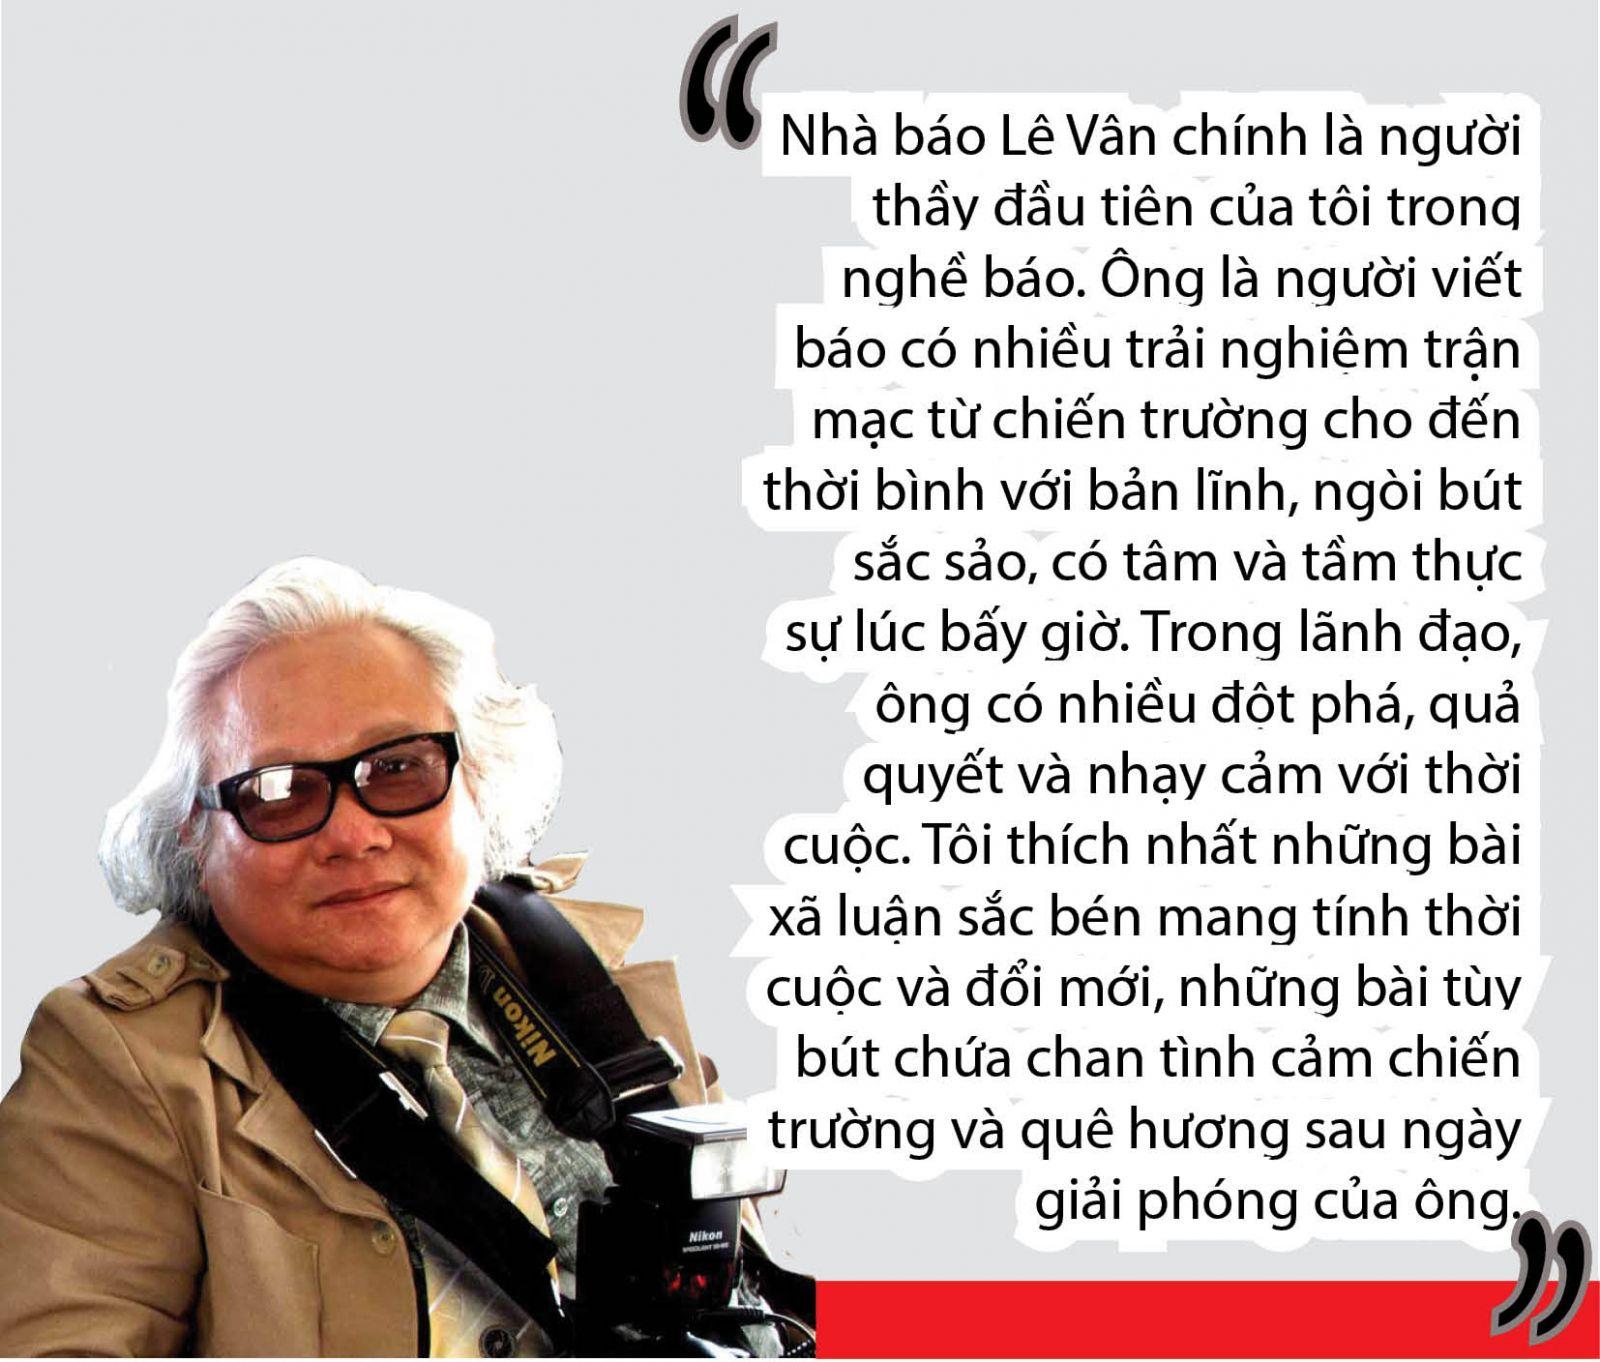 Nhà báo cách mạng Lê Vân: Làm báo từ cái tâm, tầm và tài (Kỳ II)